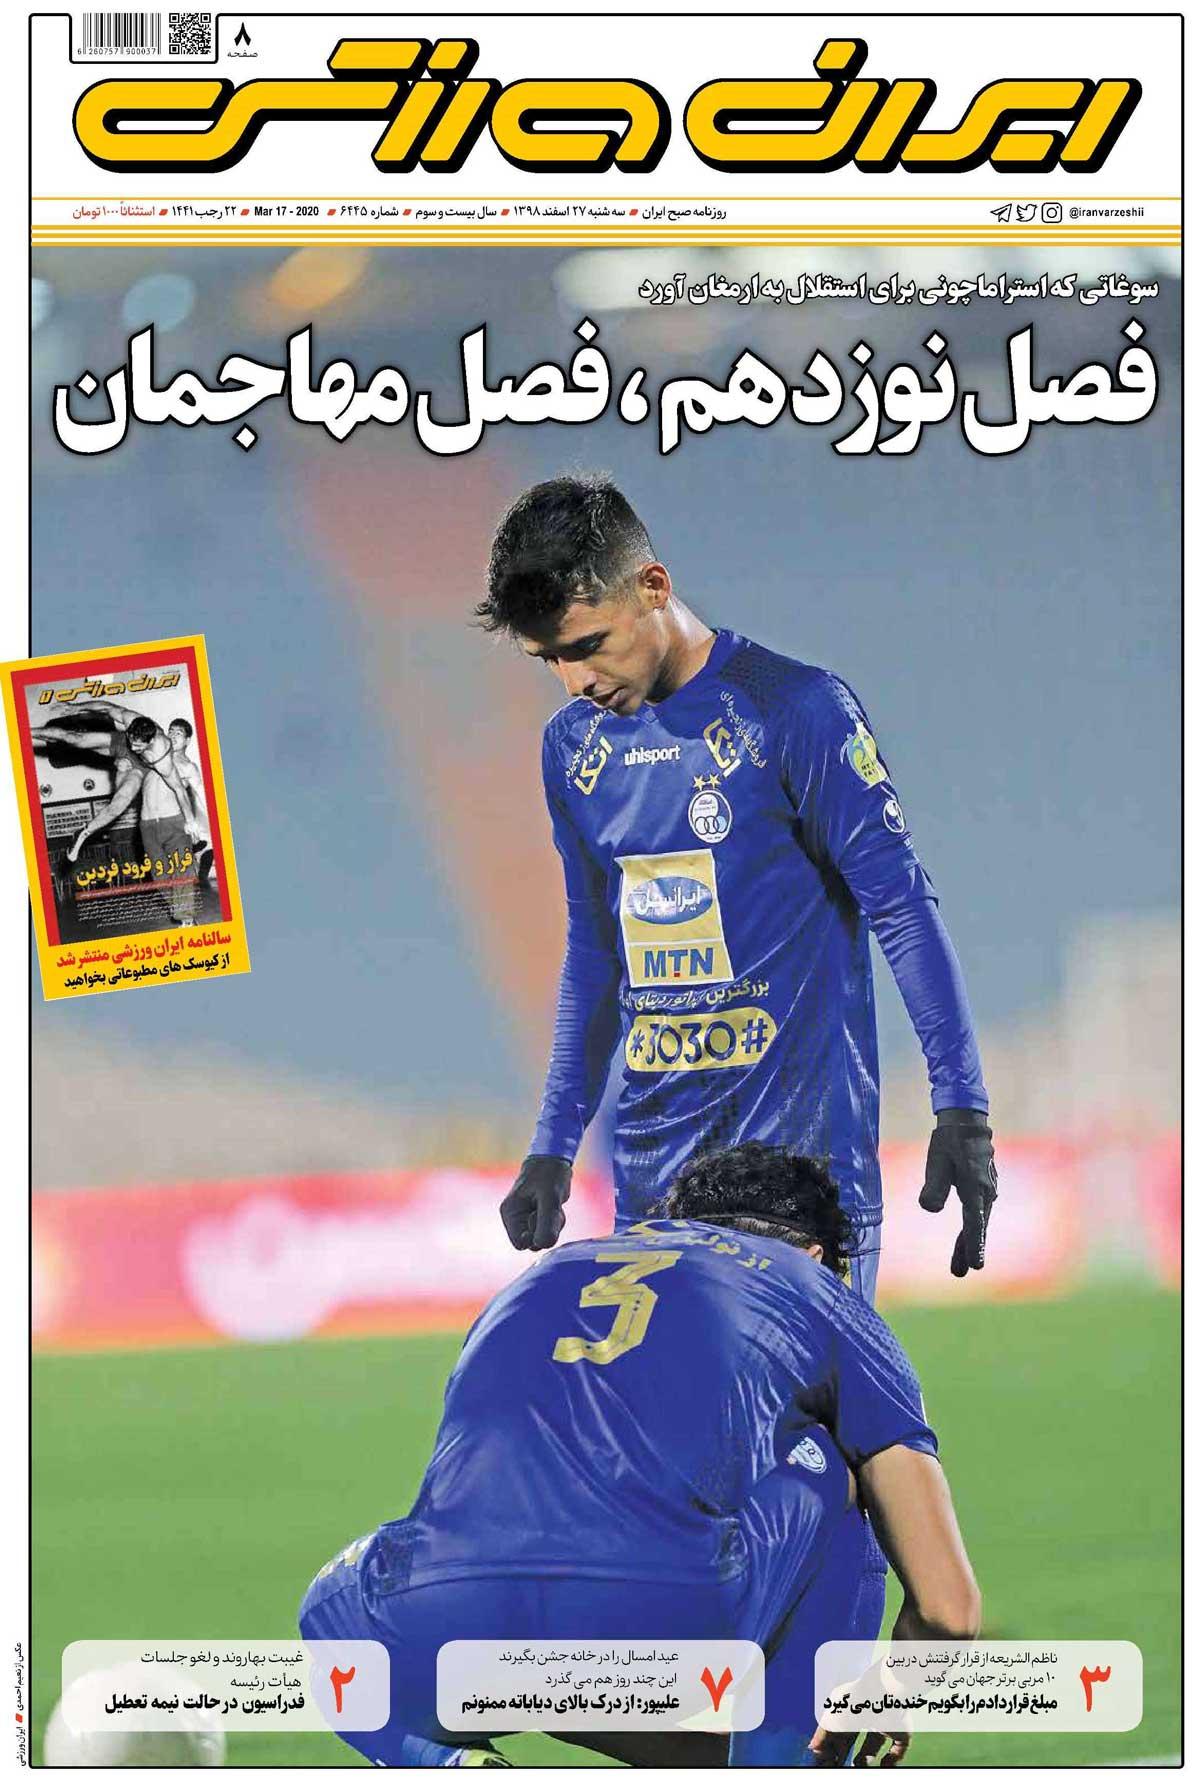 صفحه اول روزنامه ایرانورزشی سهشنبه ۲۷ اسفند ۹۸